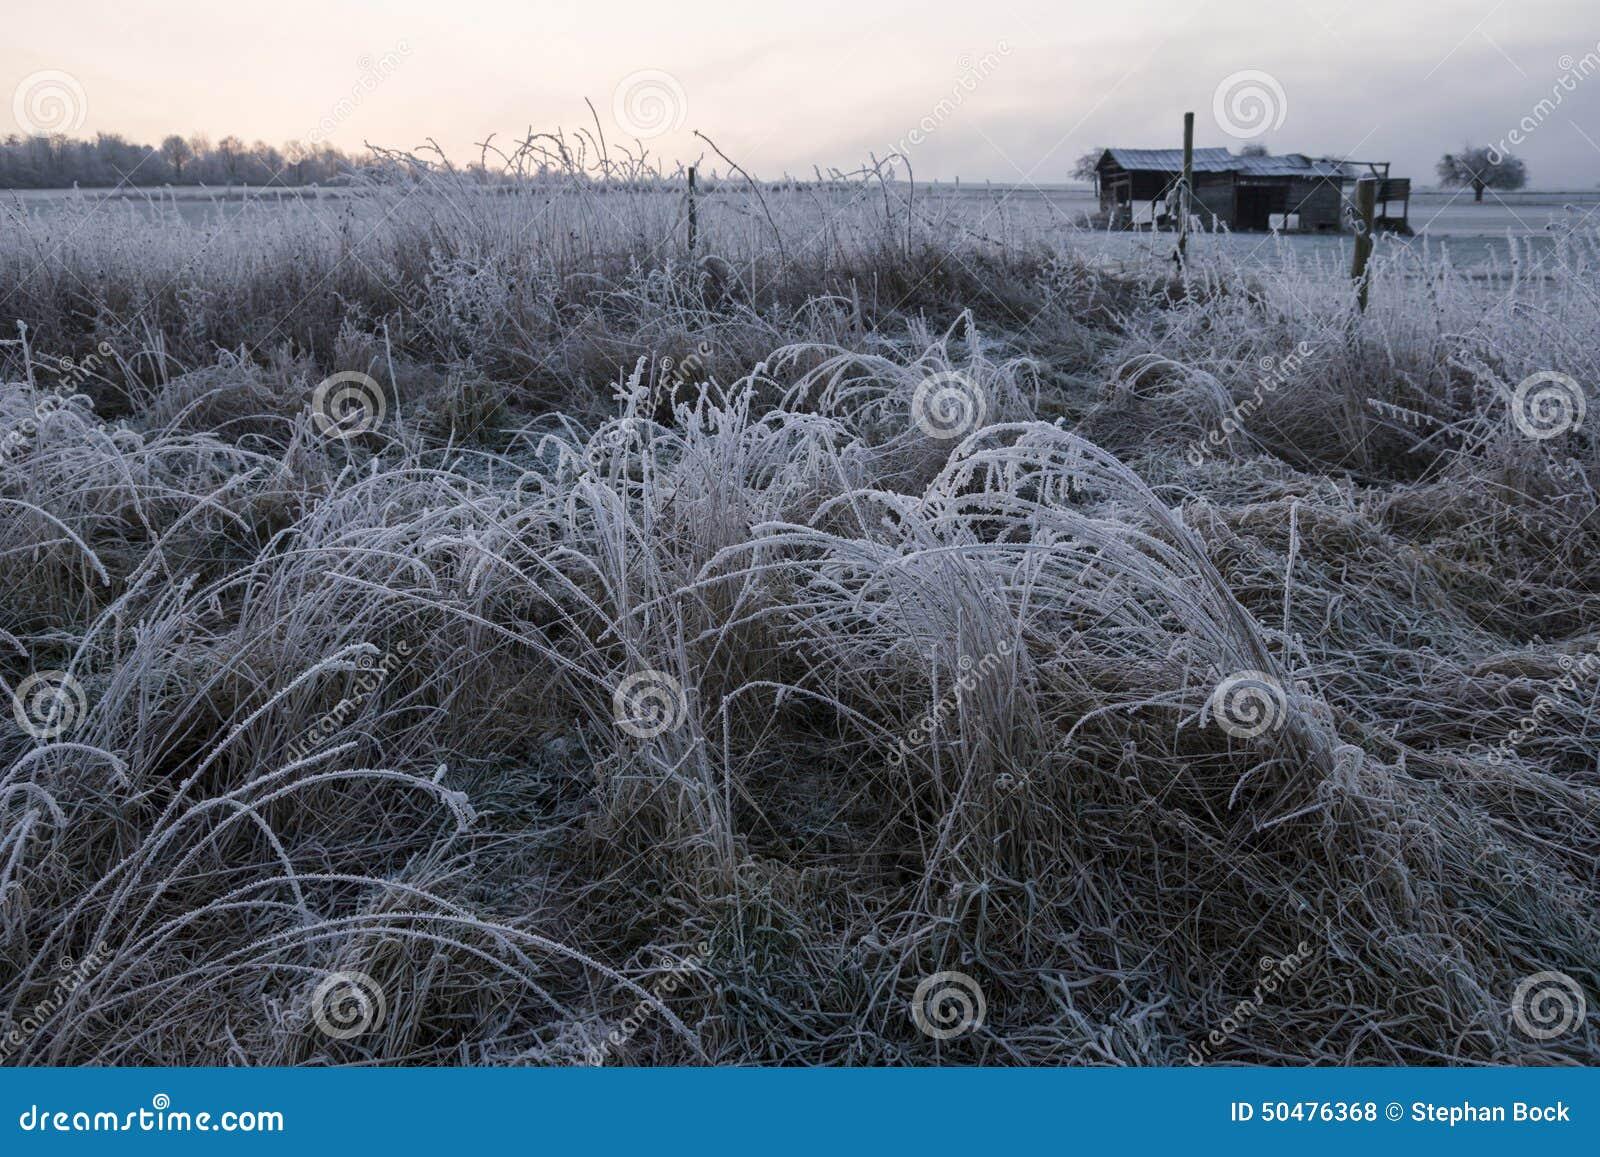 deutschland rheinland pfalz gr ser im winter reifbedeckt stockfoto bild 50476368. Black Bedroom Furniture Sets. Home Design Ideas